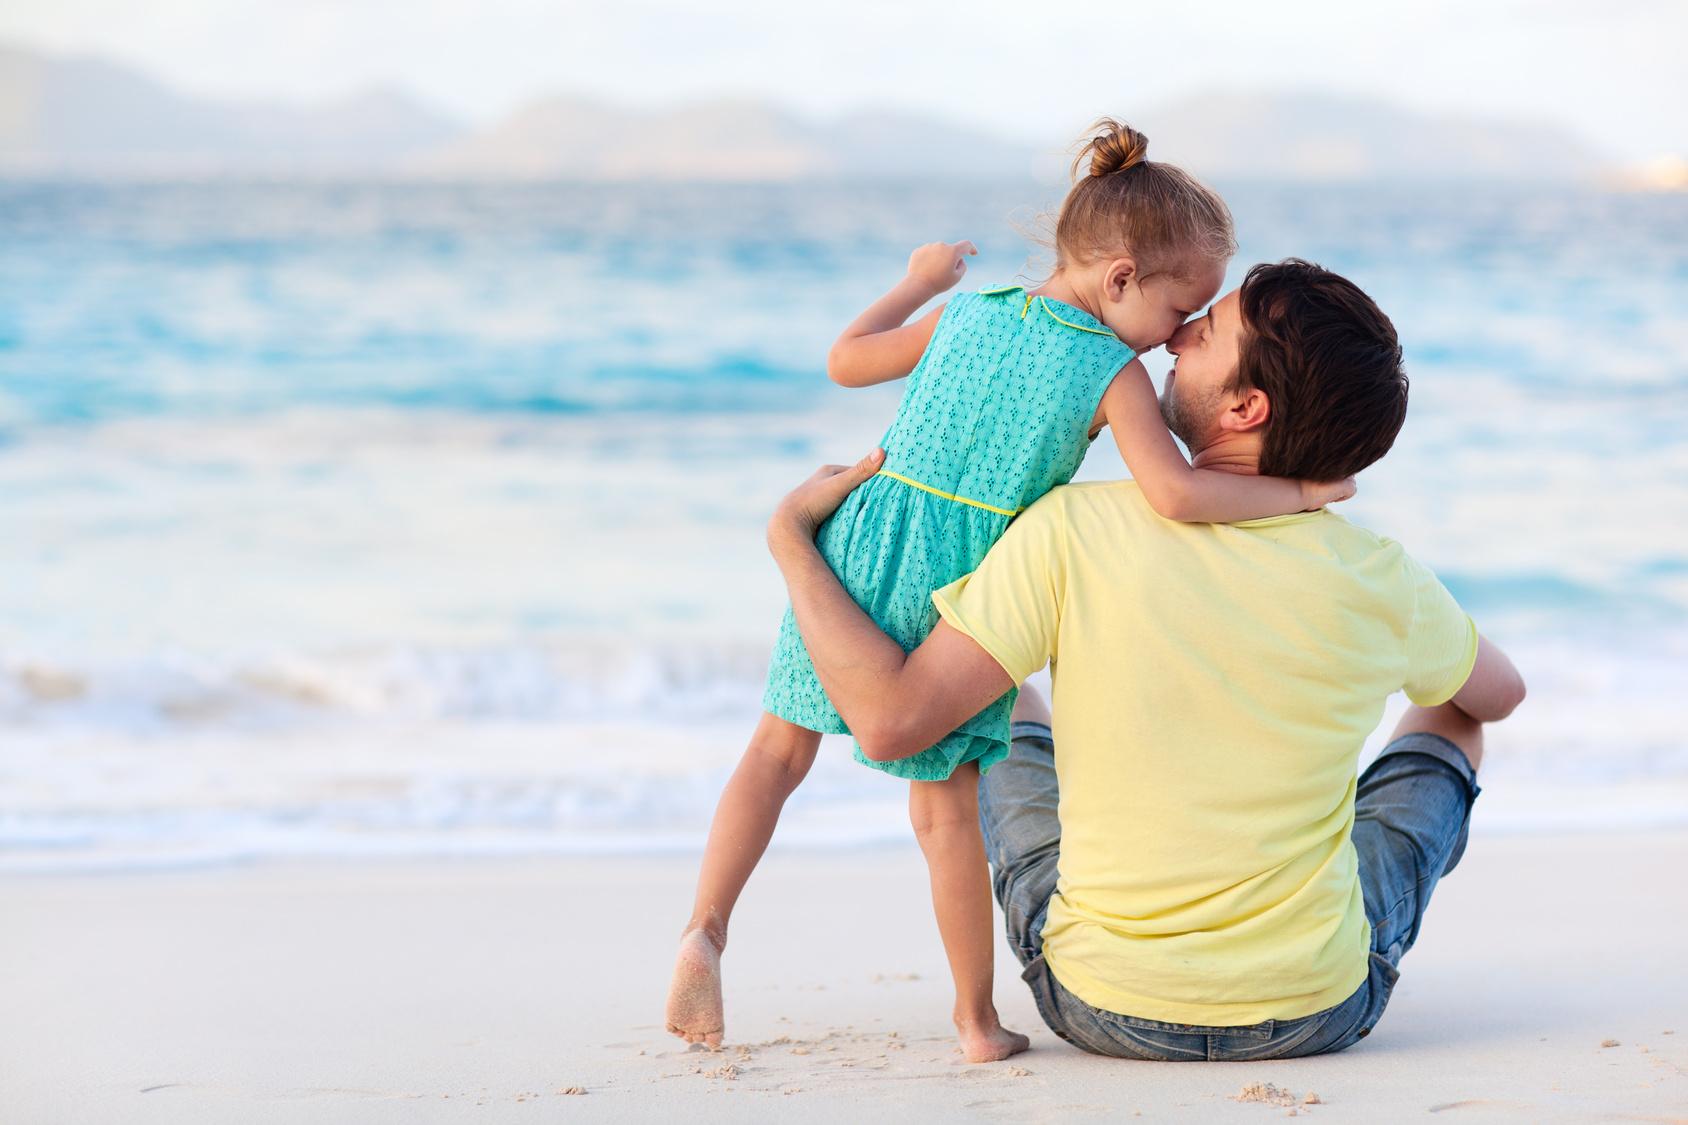 Die beste Ort für einige schöne Vatertag Bilder ist der Strand